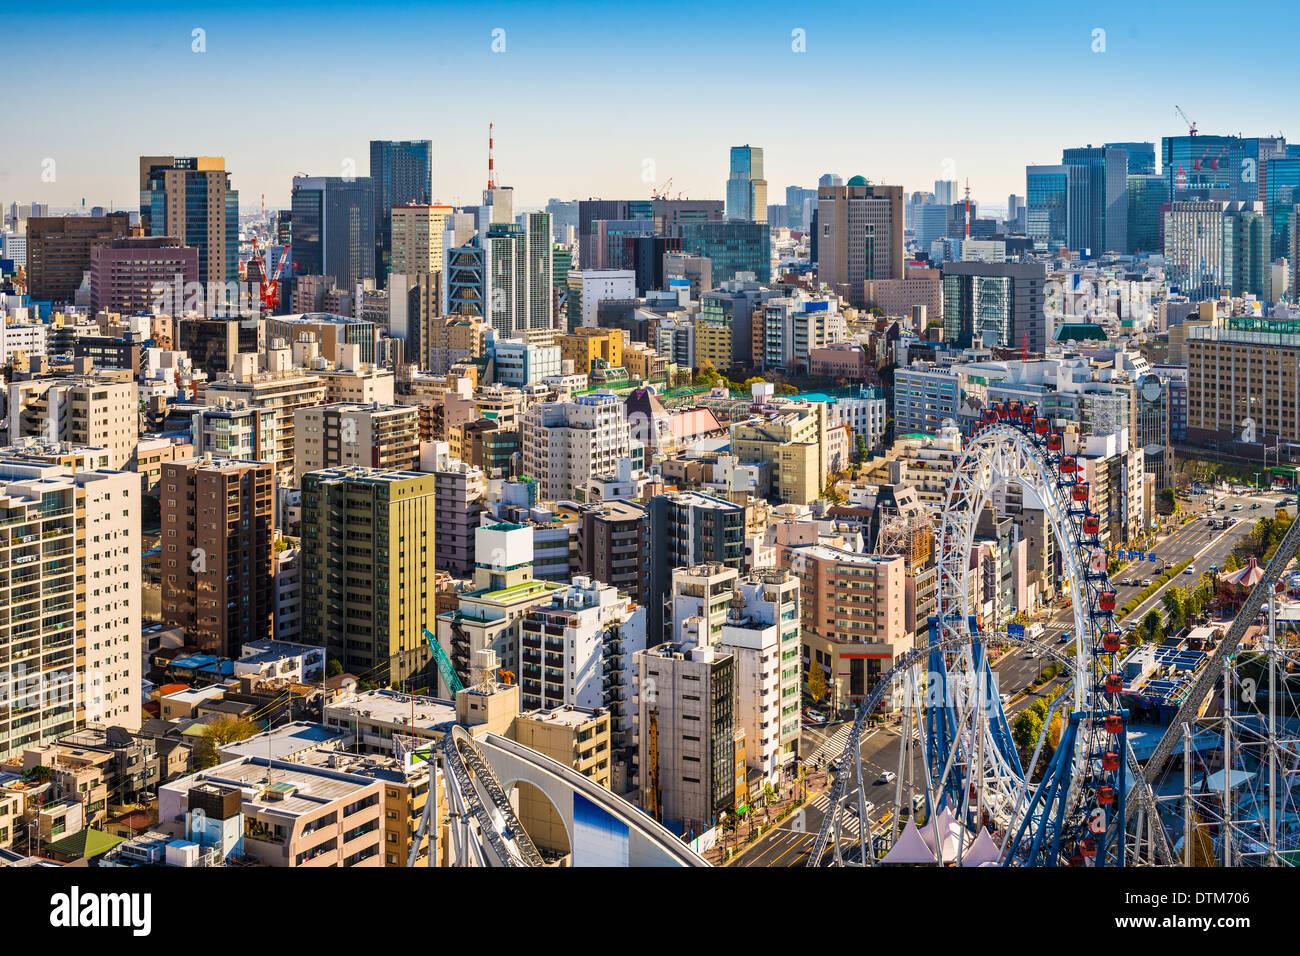 Tokio, Japón, el paisaje urbano de Bunkyo Ward. Imagen De Stock